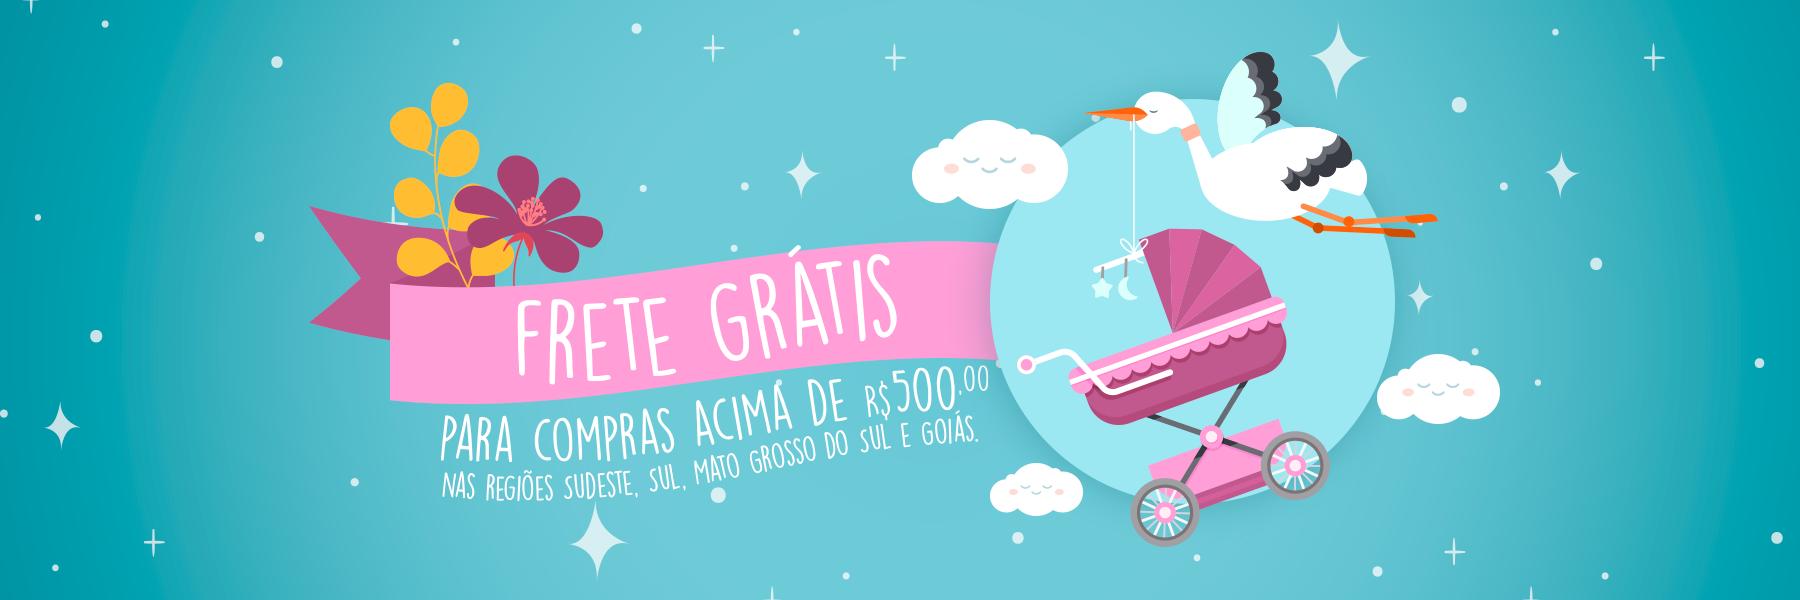 8eaae9ac1 Bebe Casa - Loja de bebe em Campinas - SP